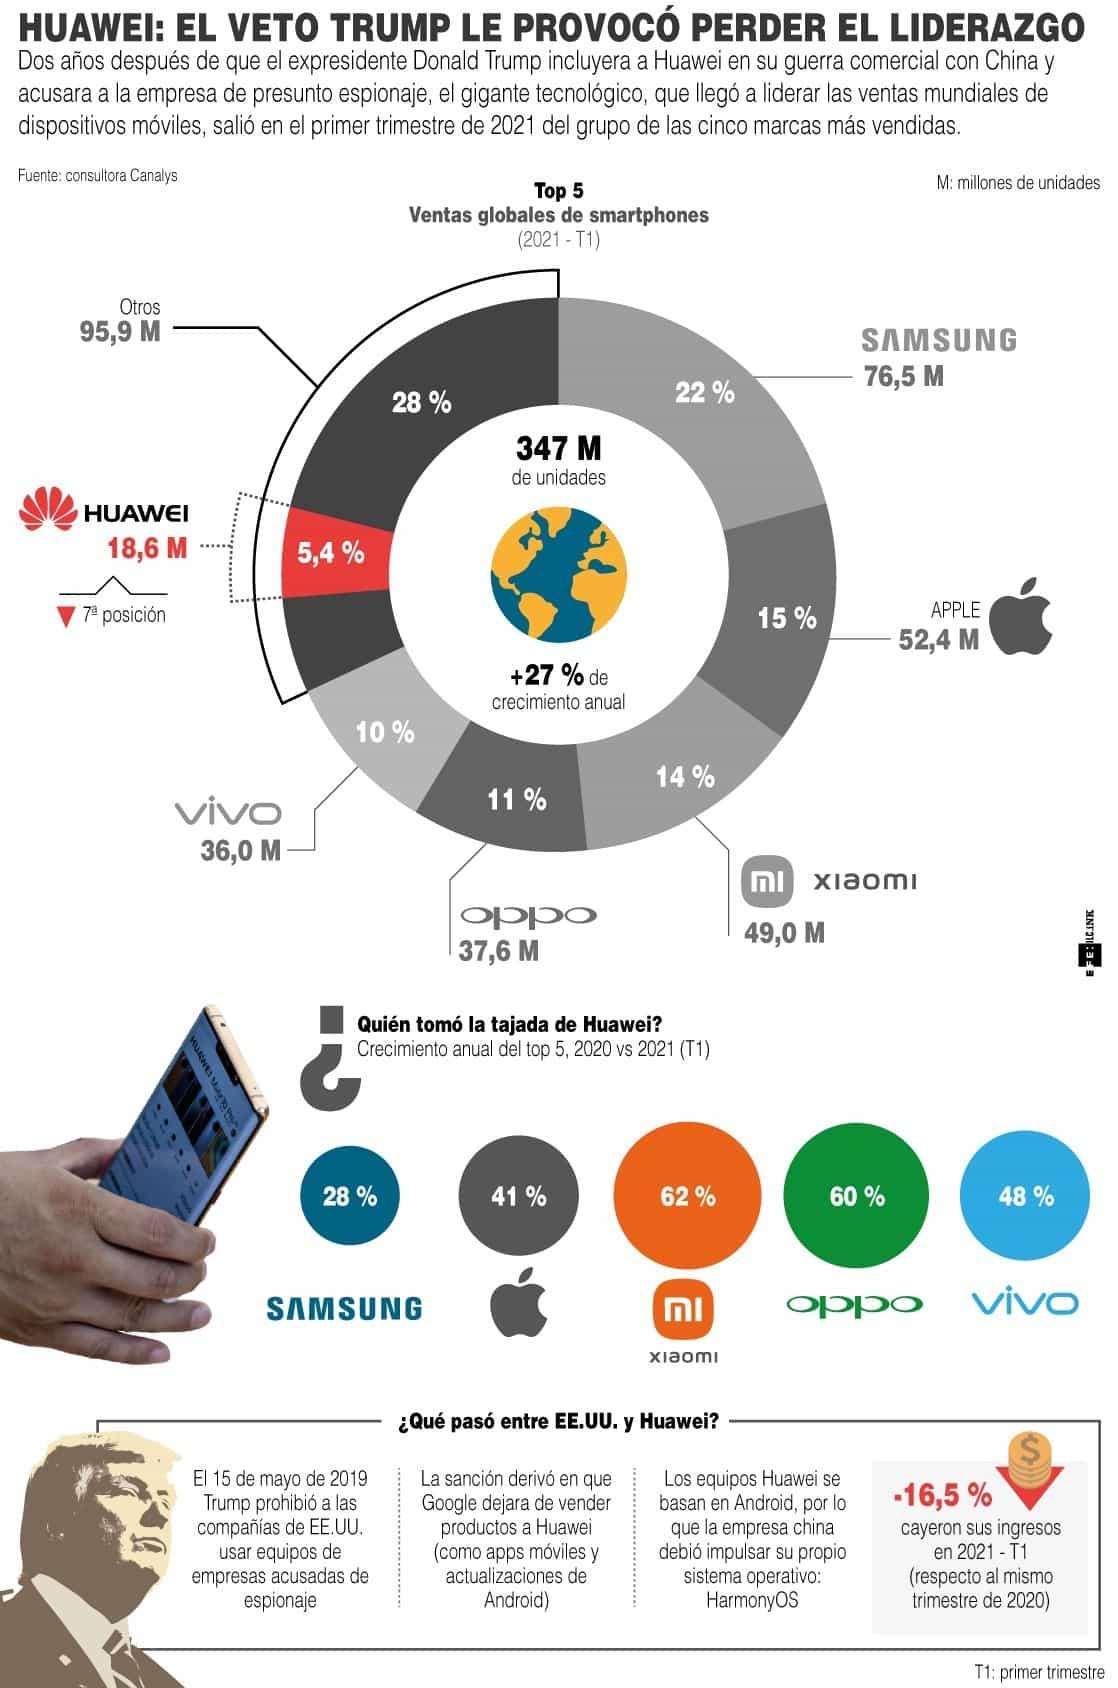 [Infografía] - Huawei El veto Trump le provocó perder el liderazgo 1